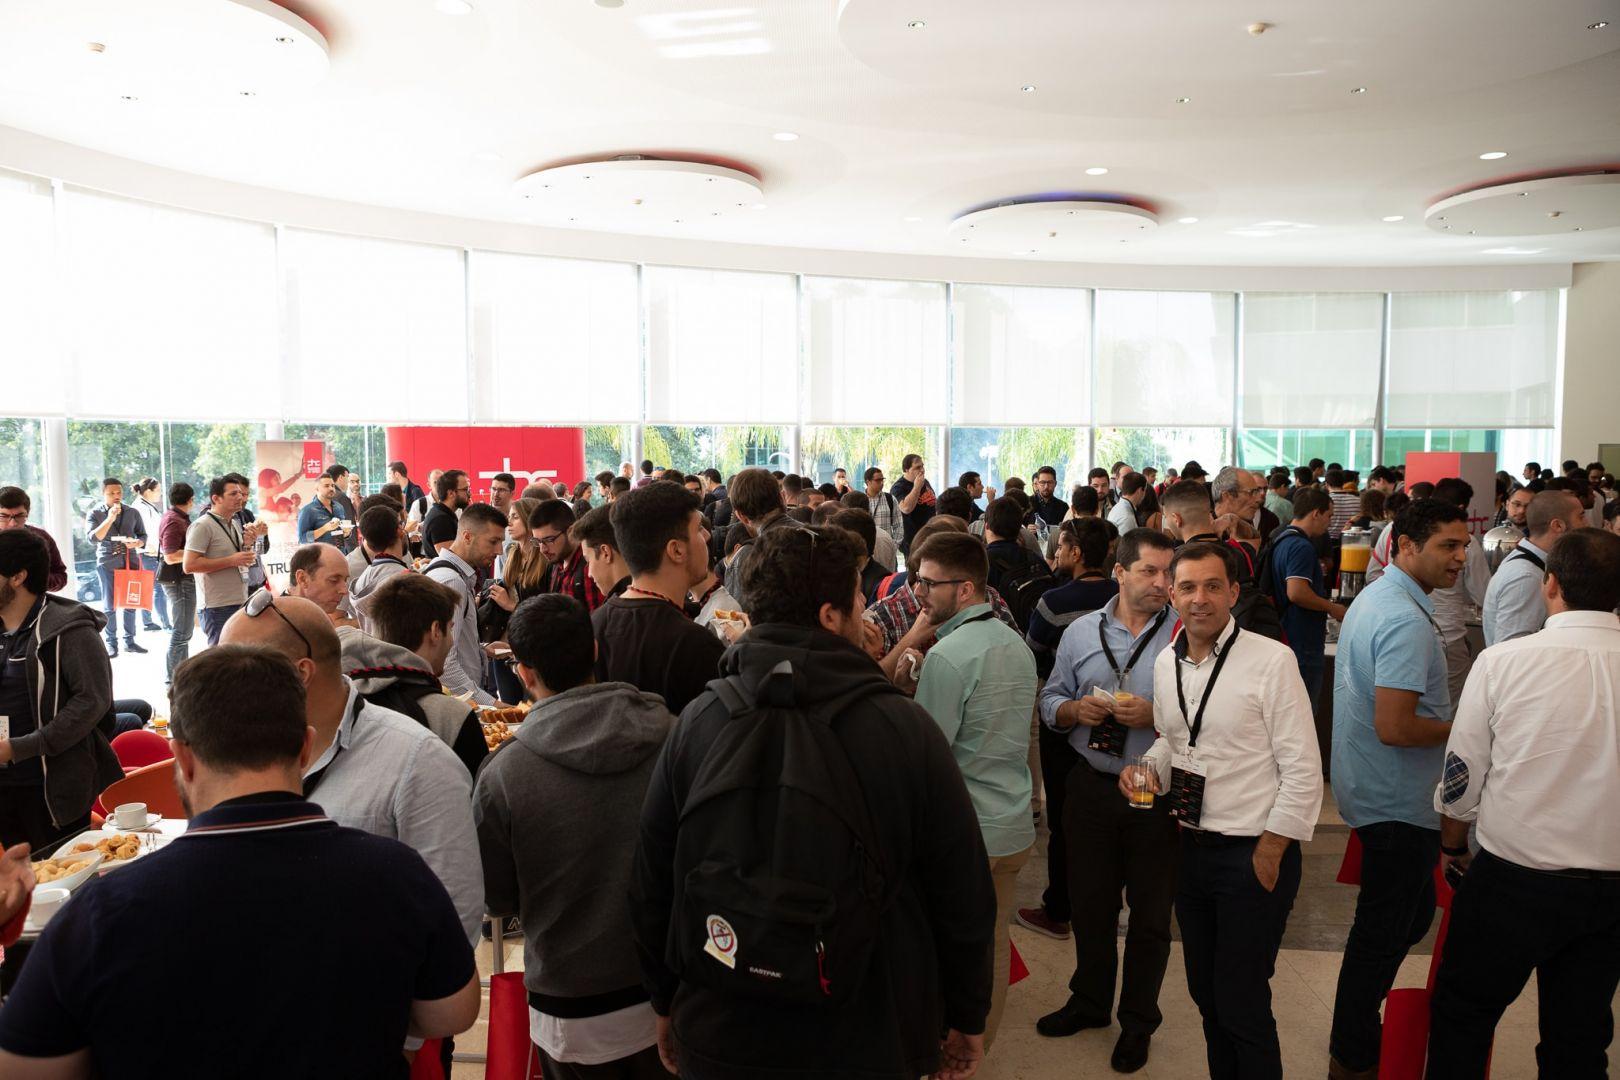 Átrito do Hotel Lagoas Park cheio com pessoas durante a DevSummit